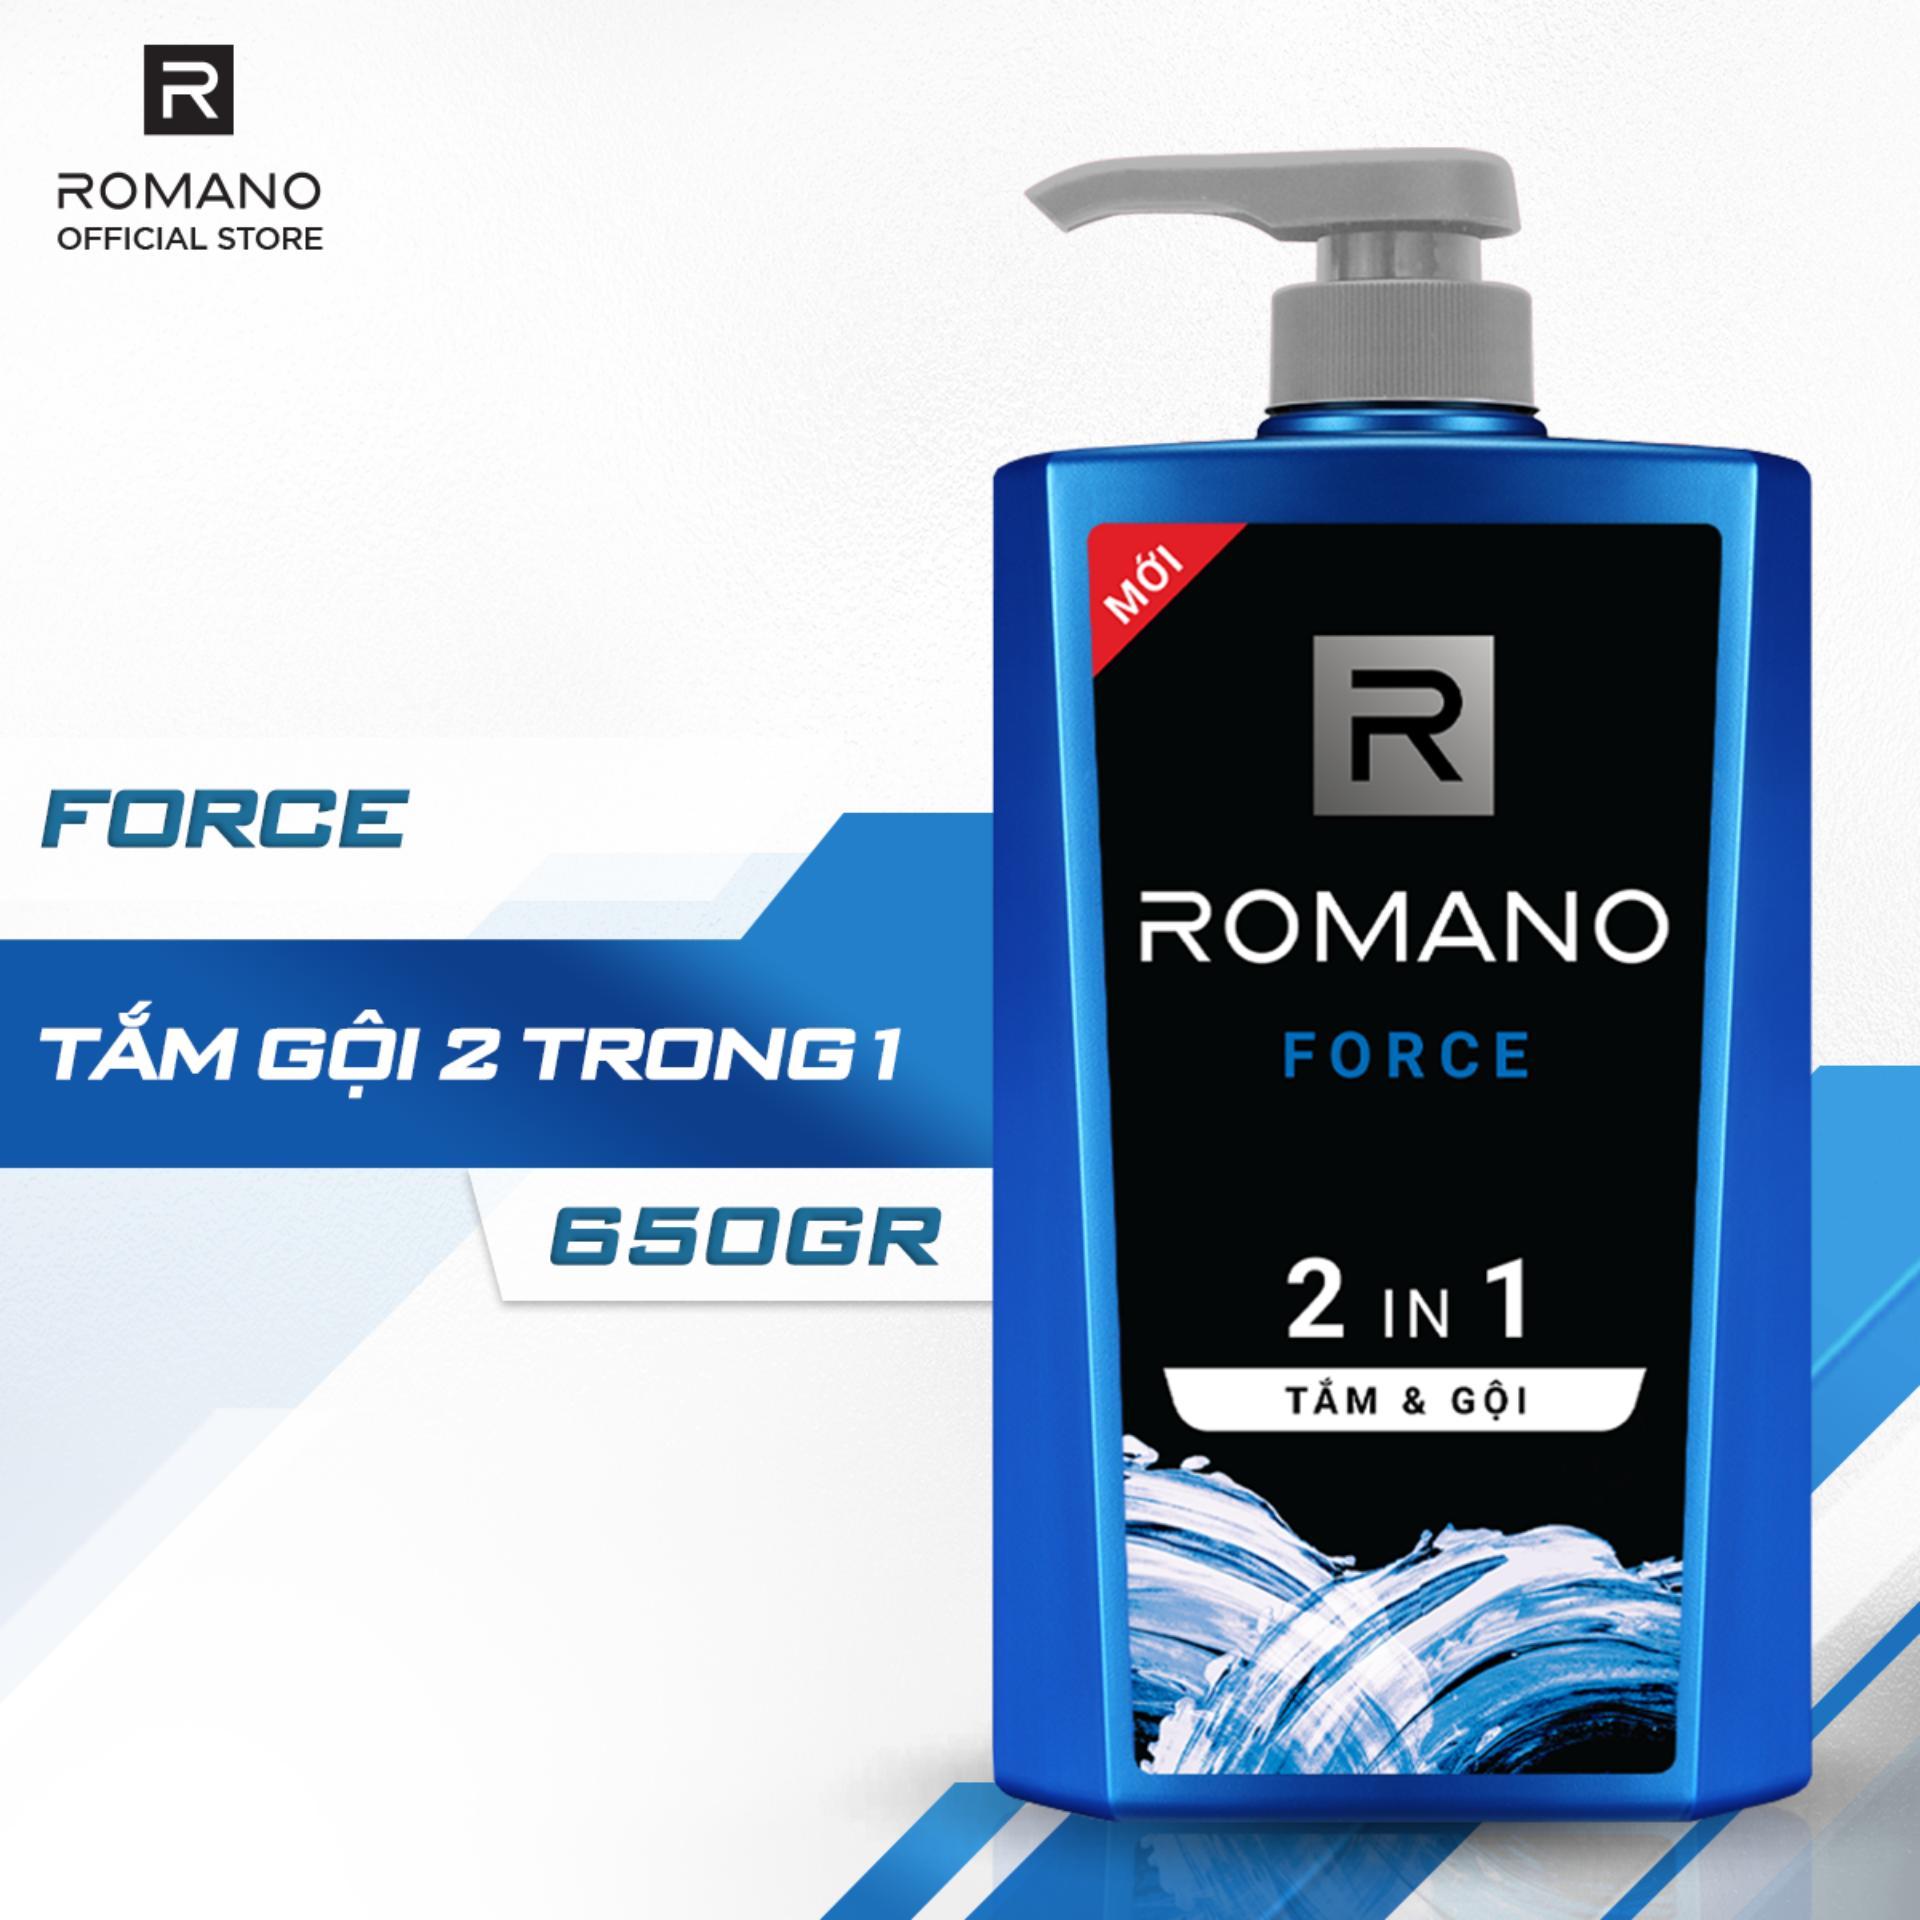 Tắm Gội 2 Trong 1 Romano Force 650g Cùng Giá Khuyến Mãi Hot